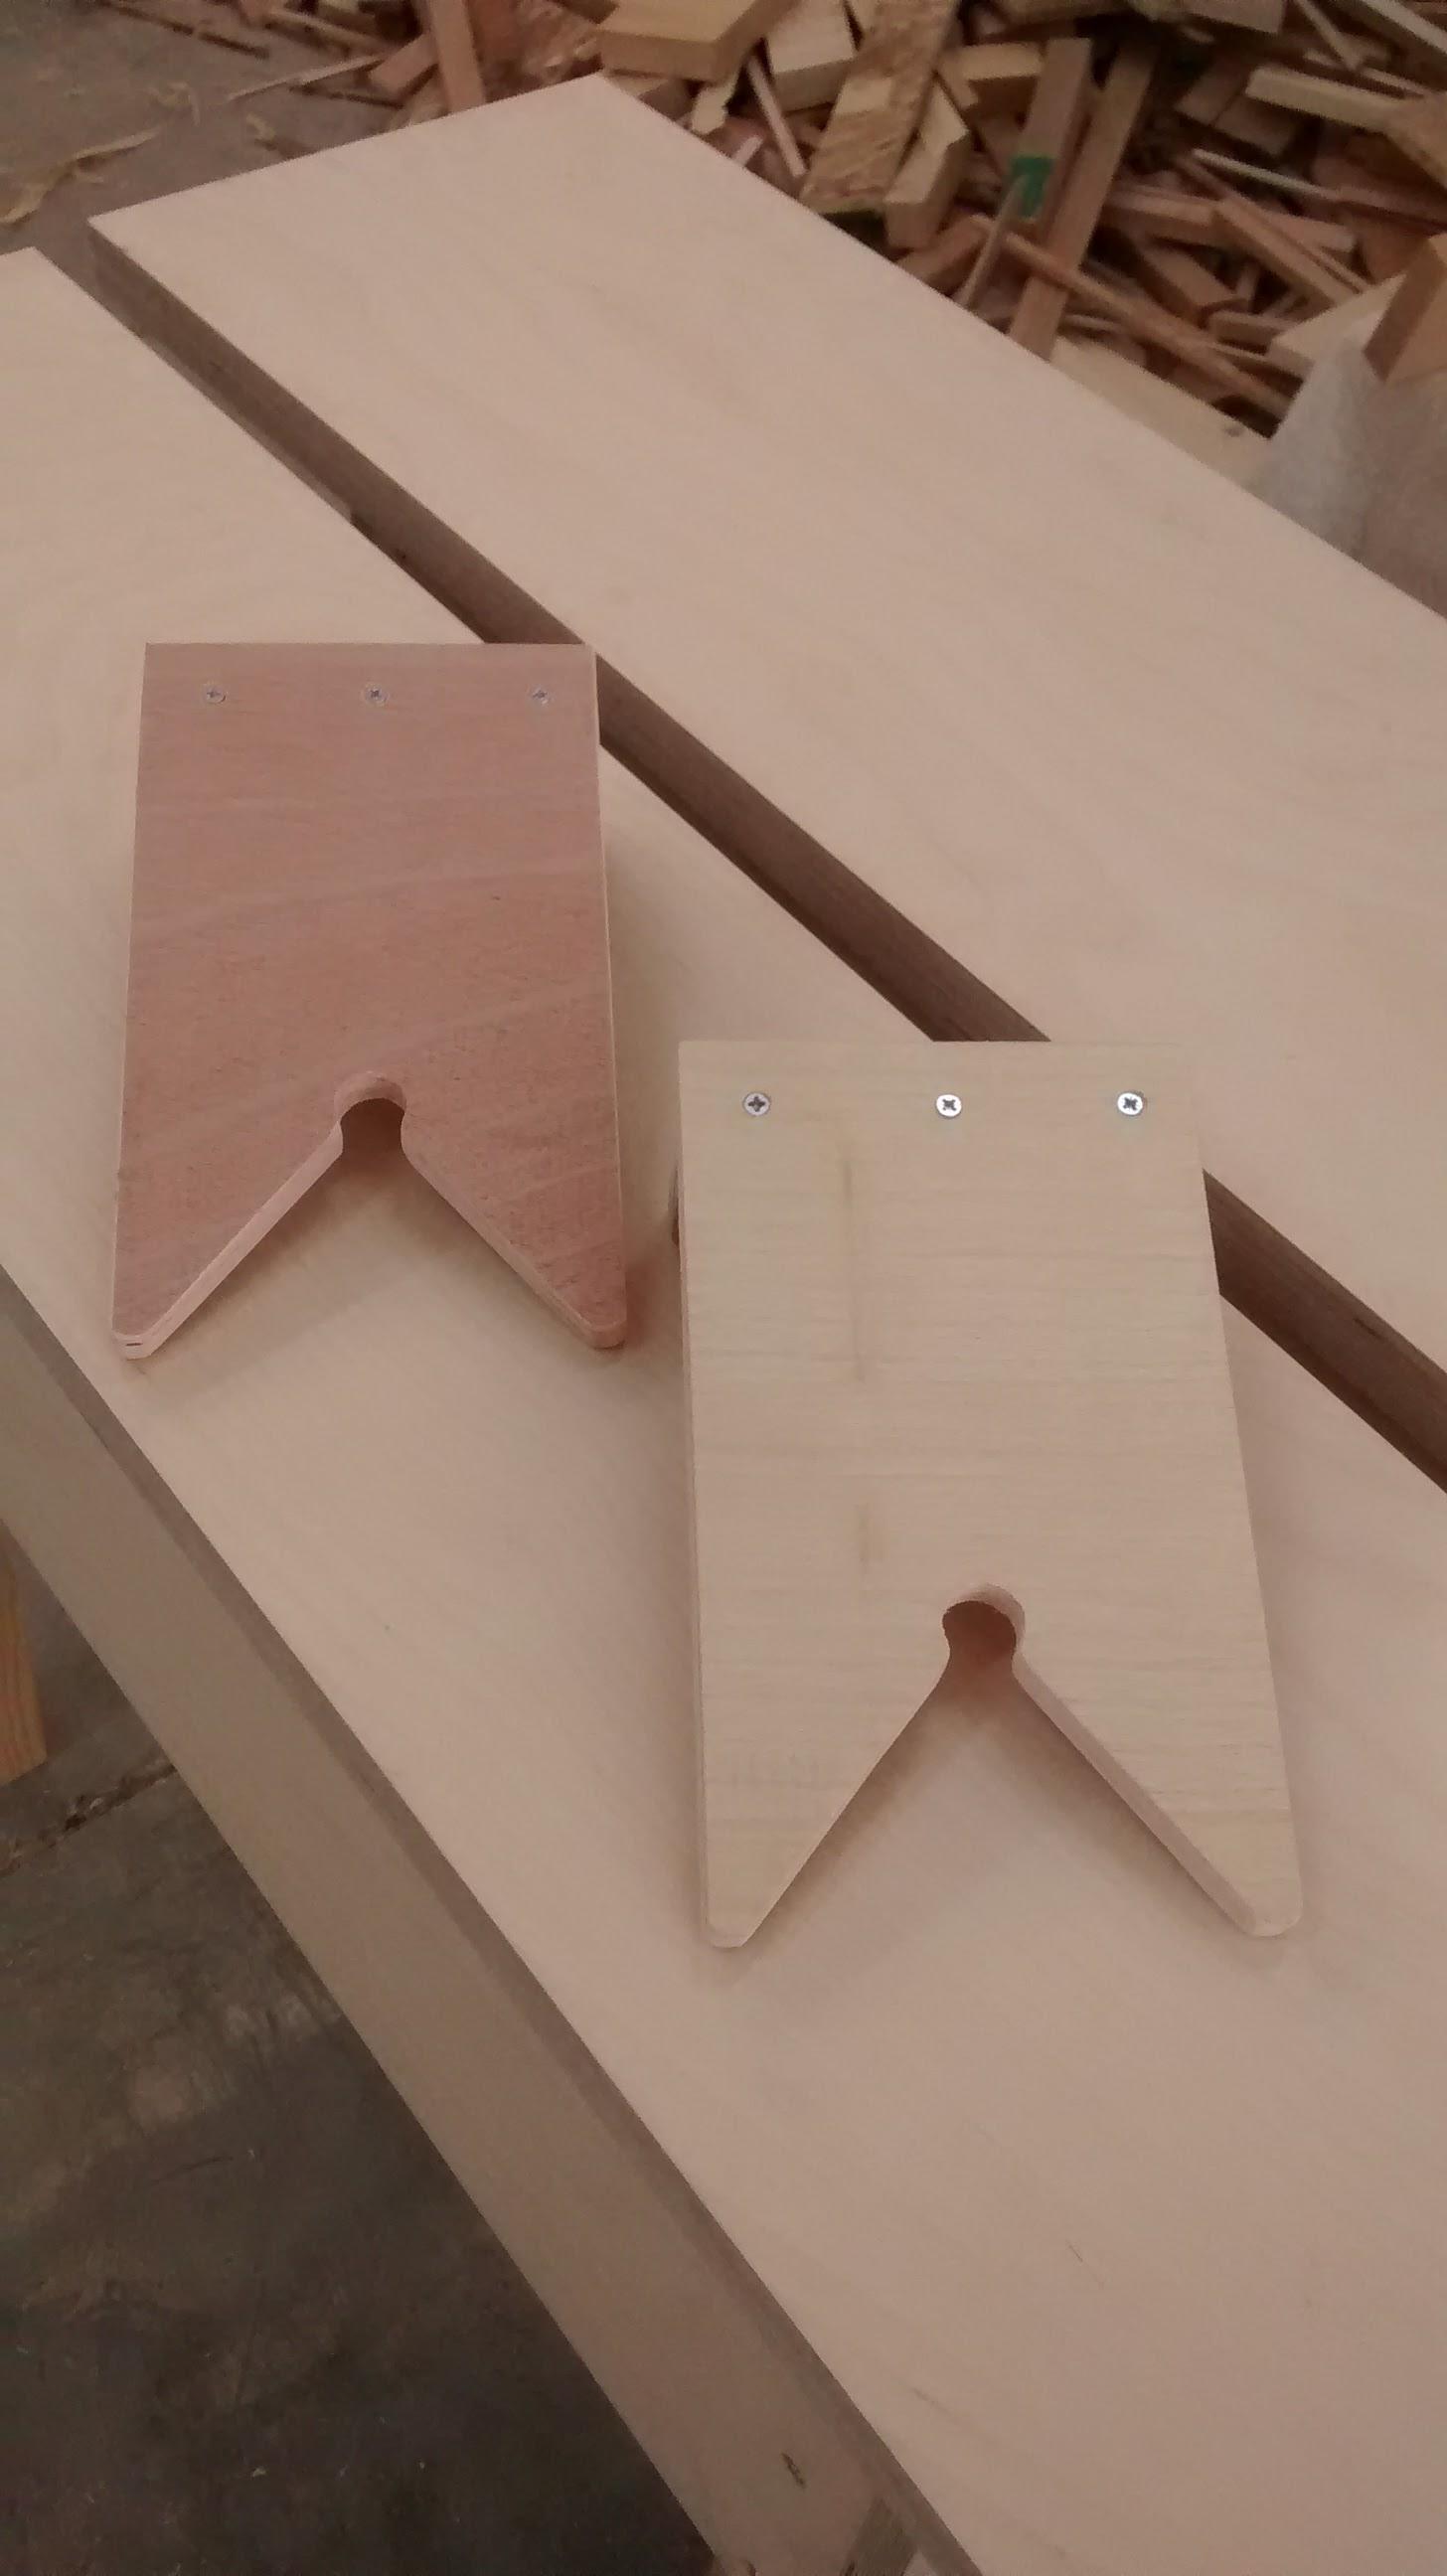 מתקן (ג'יג) לחיתוך עם מסור קשתית